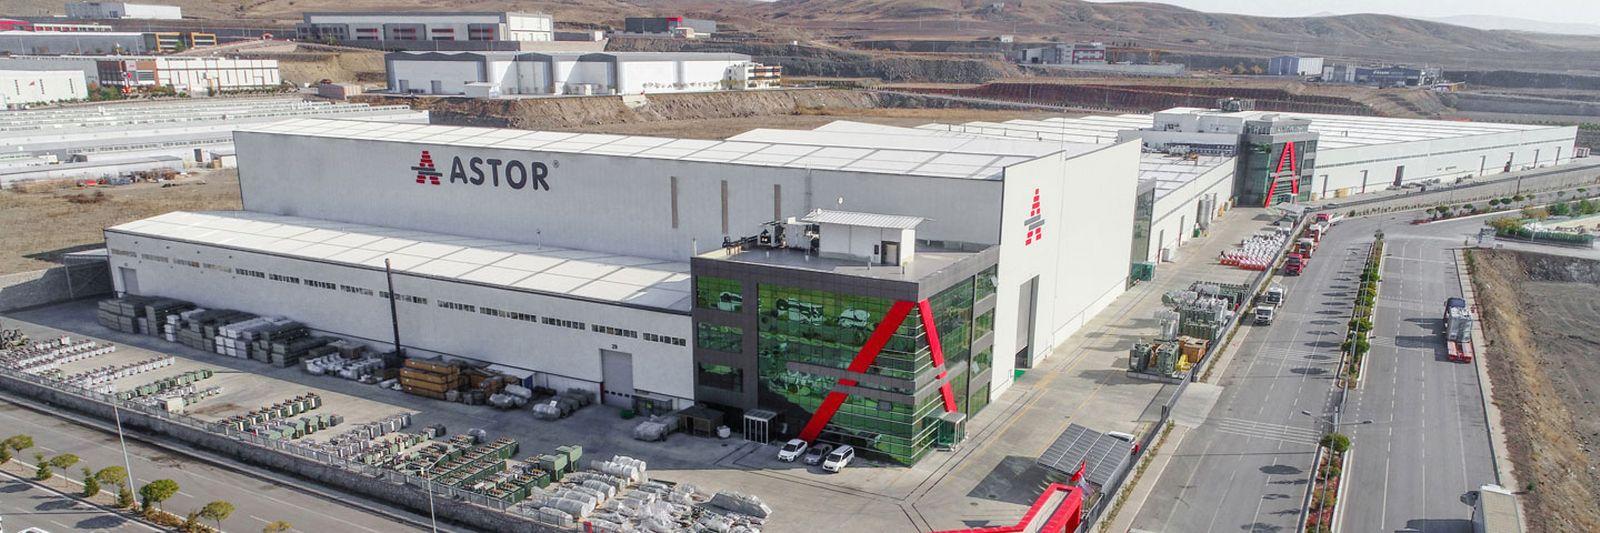 ASTOR Türkiye'nin 215. Büyük Sanayi Kuruluşu ASTOR